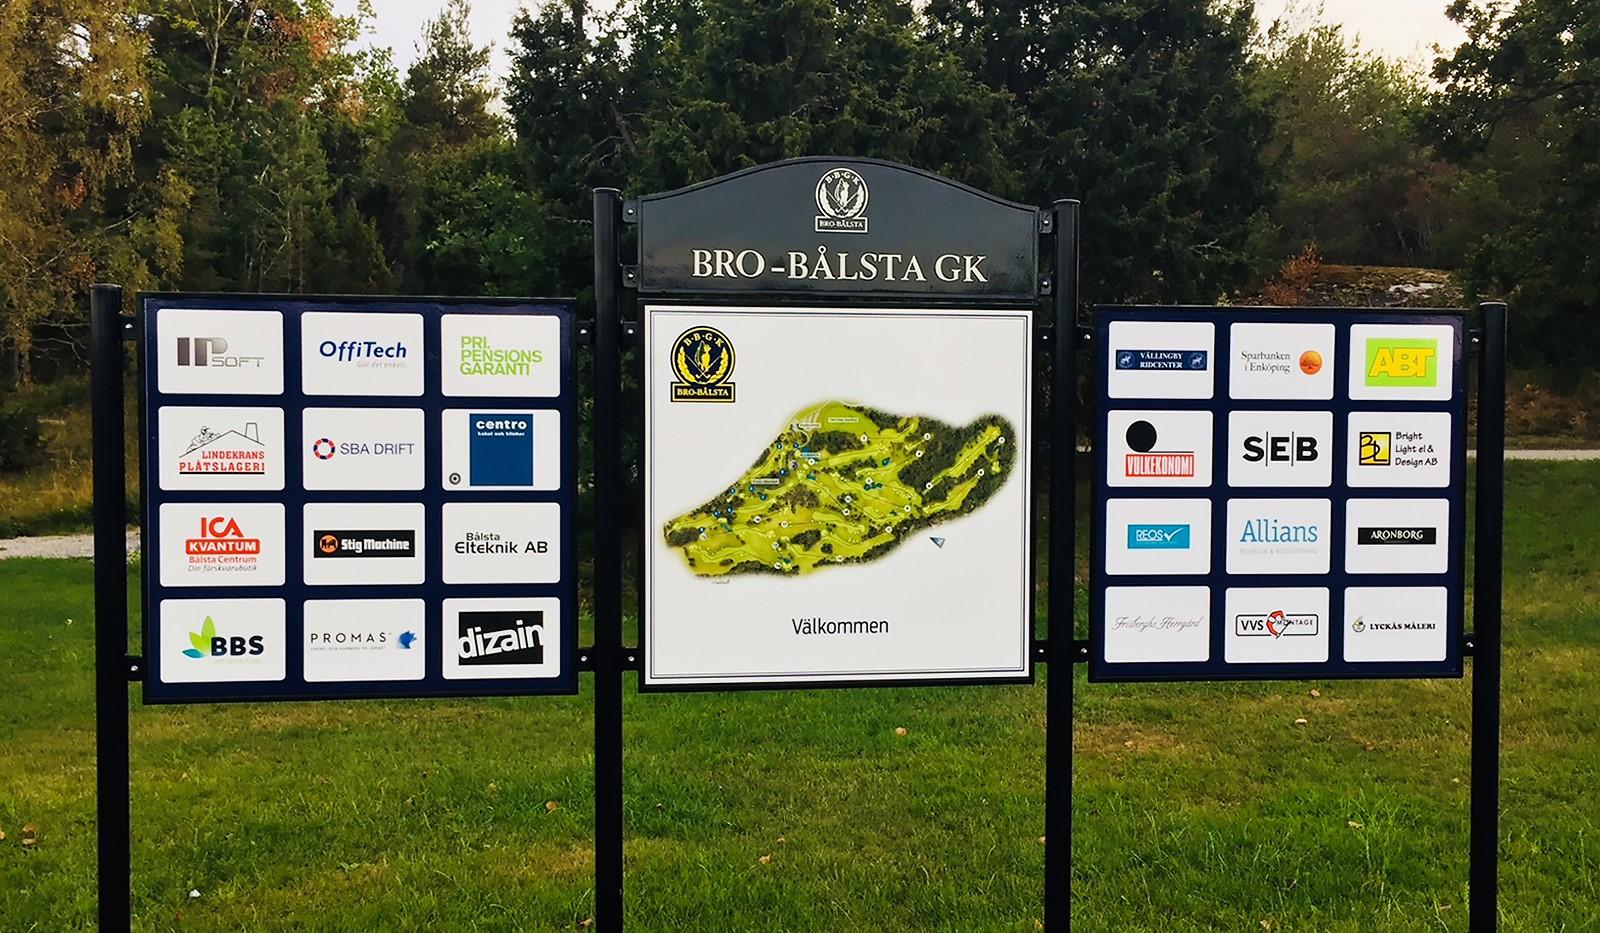 Ringuddsslingan  39 - Bro Bålsta Golf Klubb